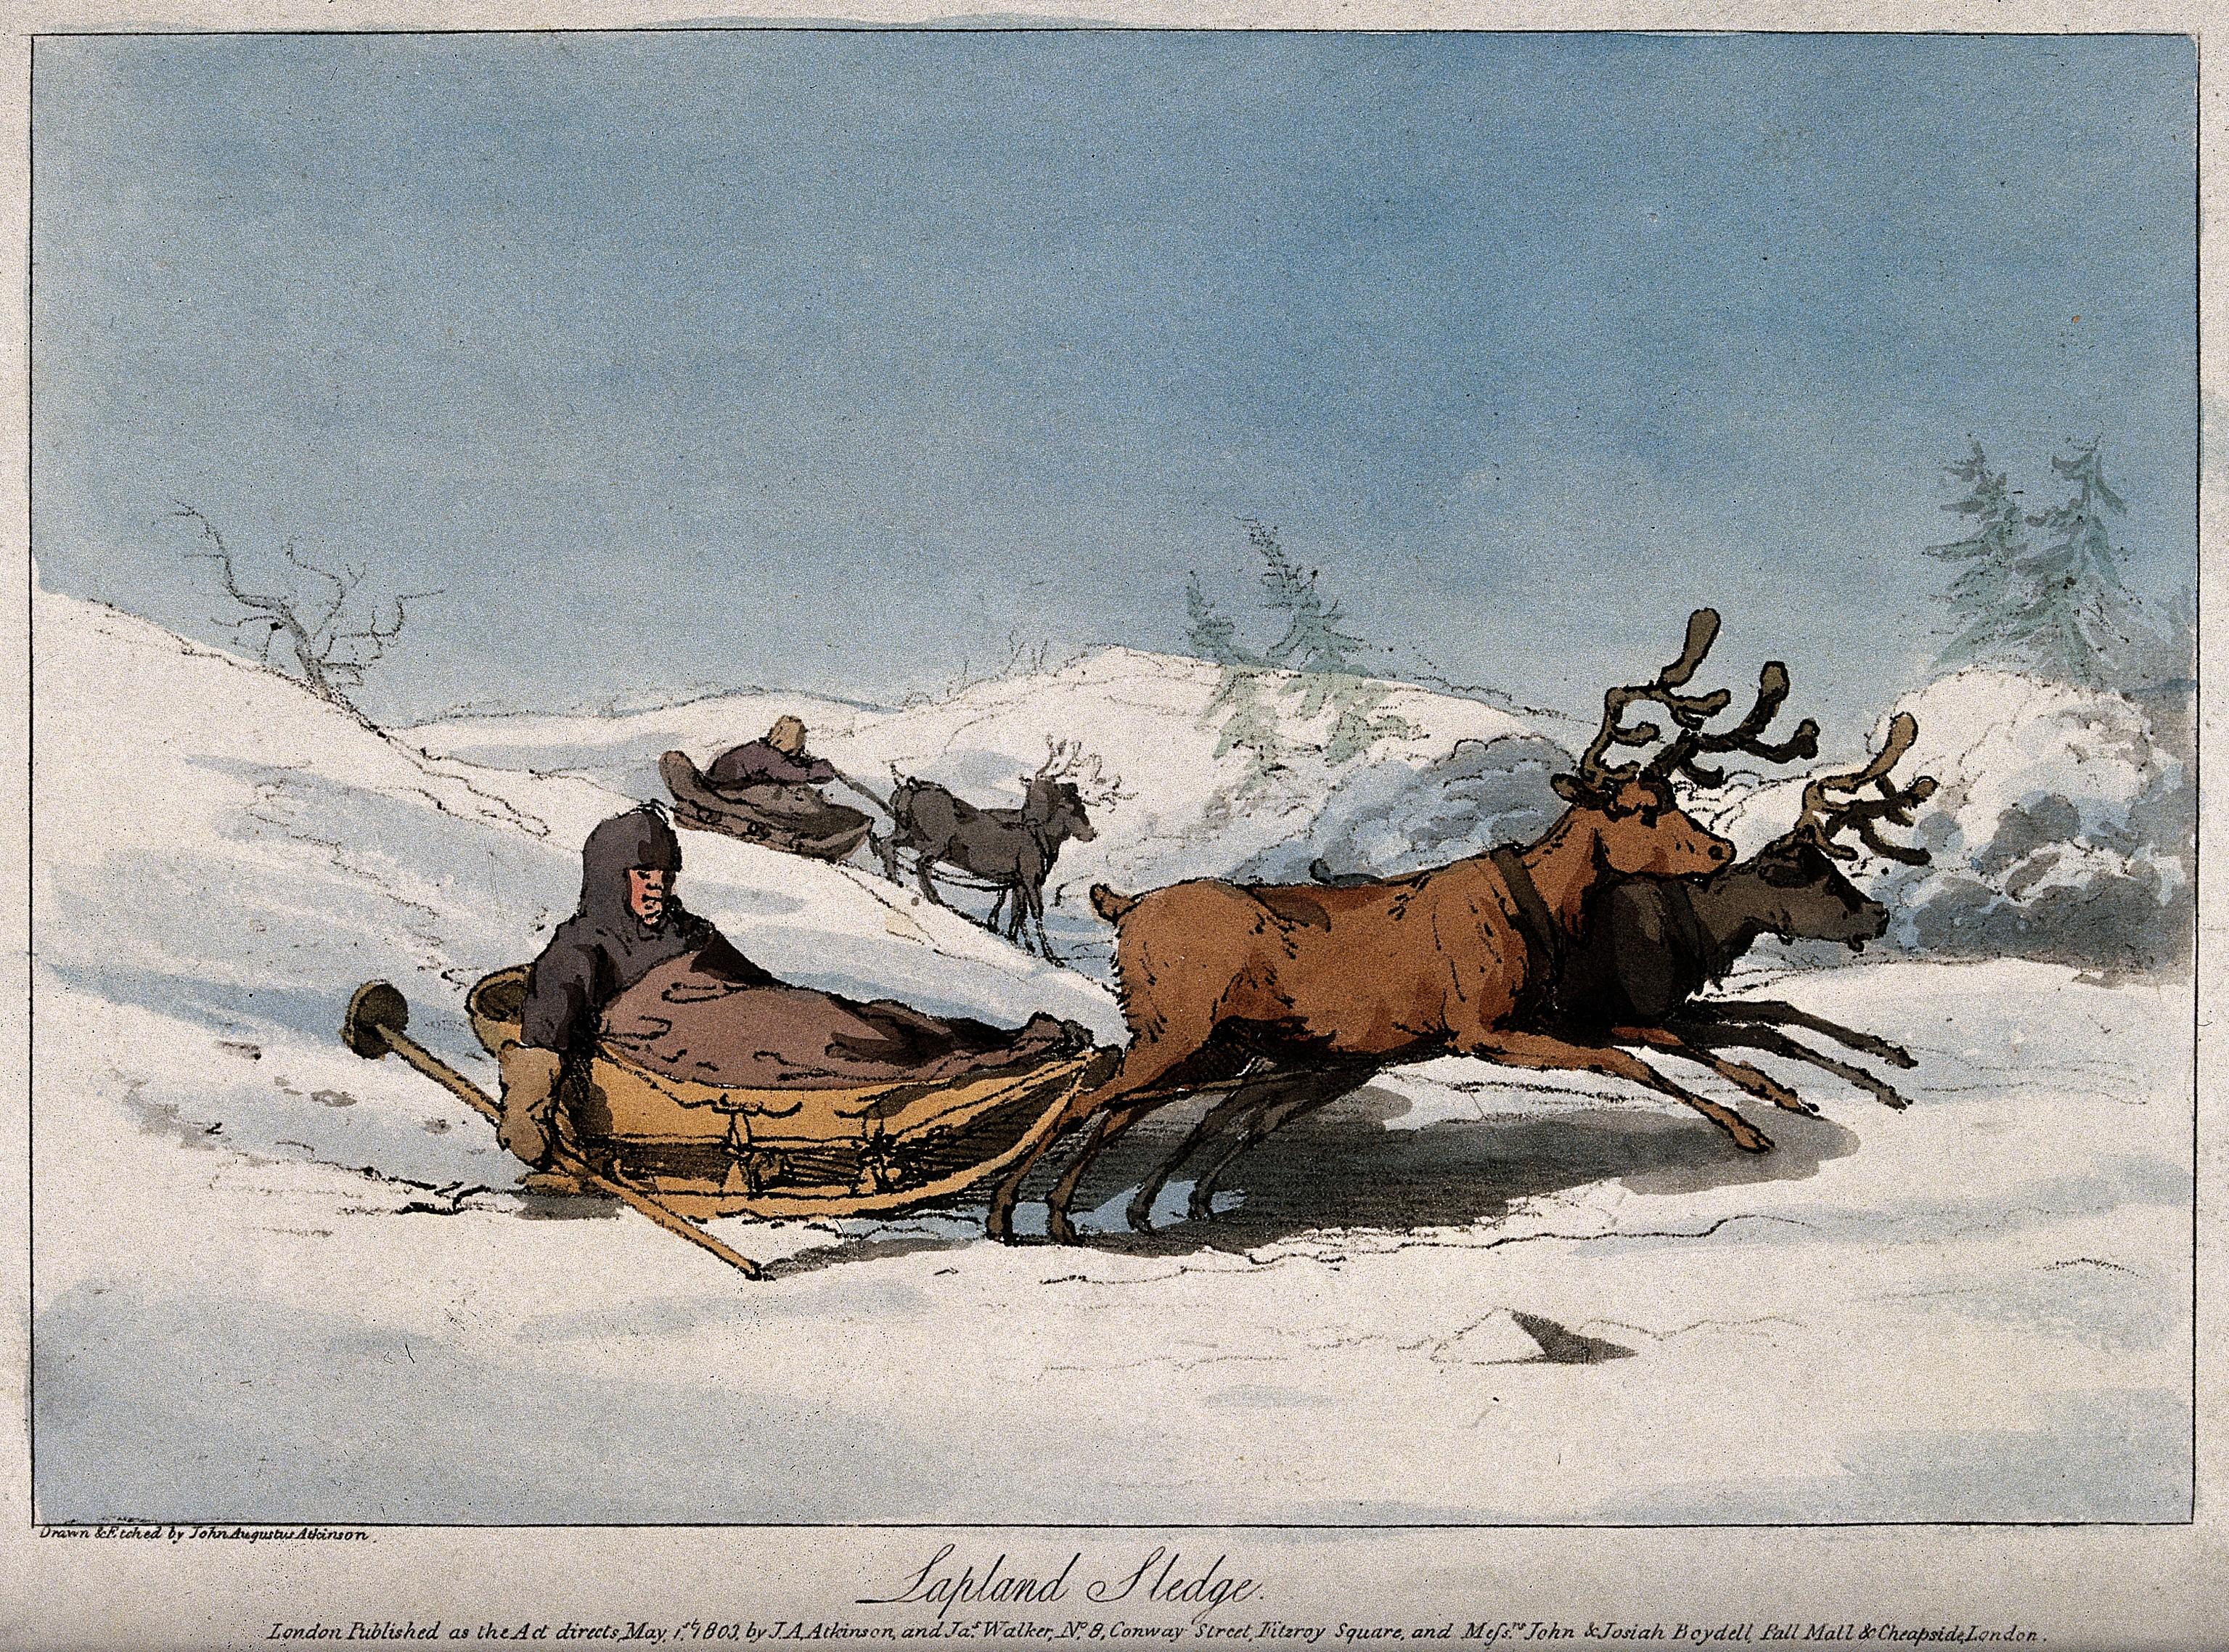 Bildresultat för snowy november reindeer